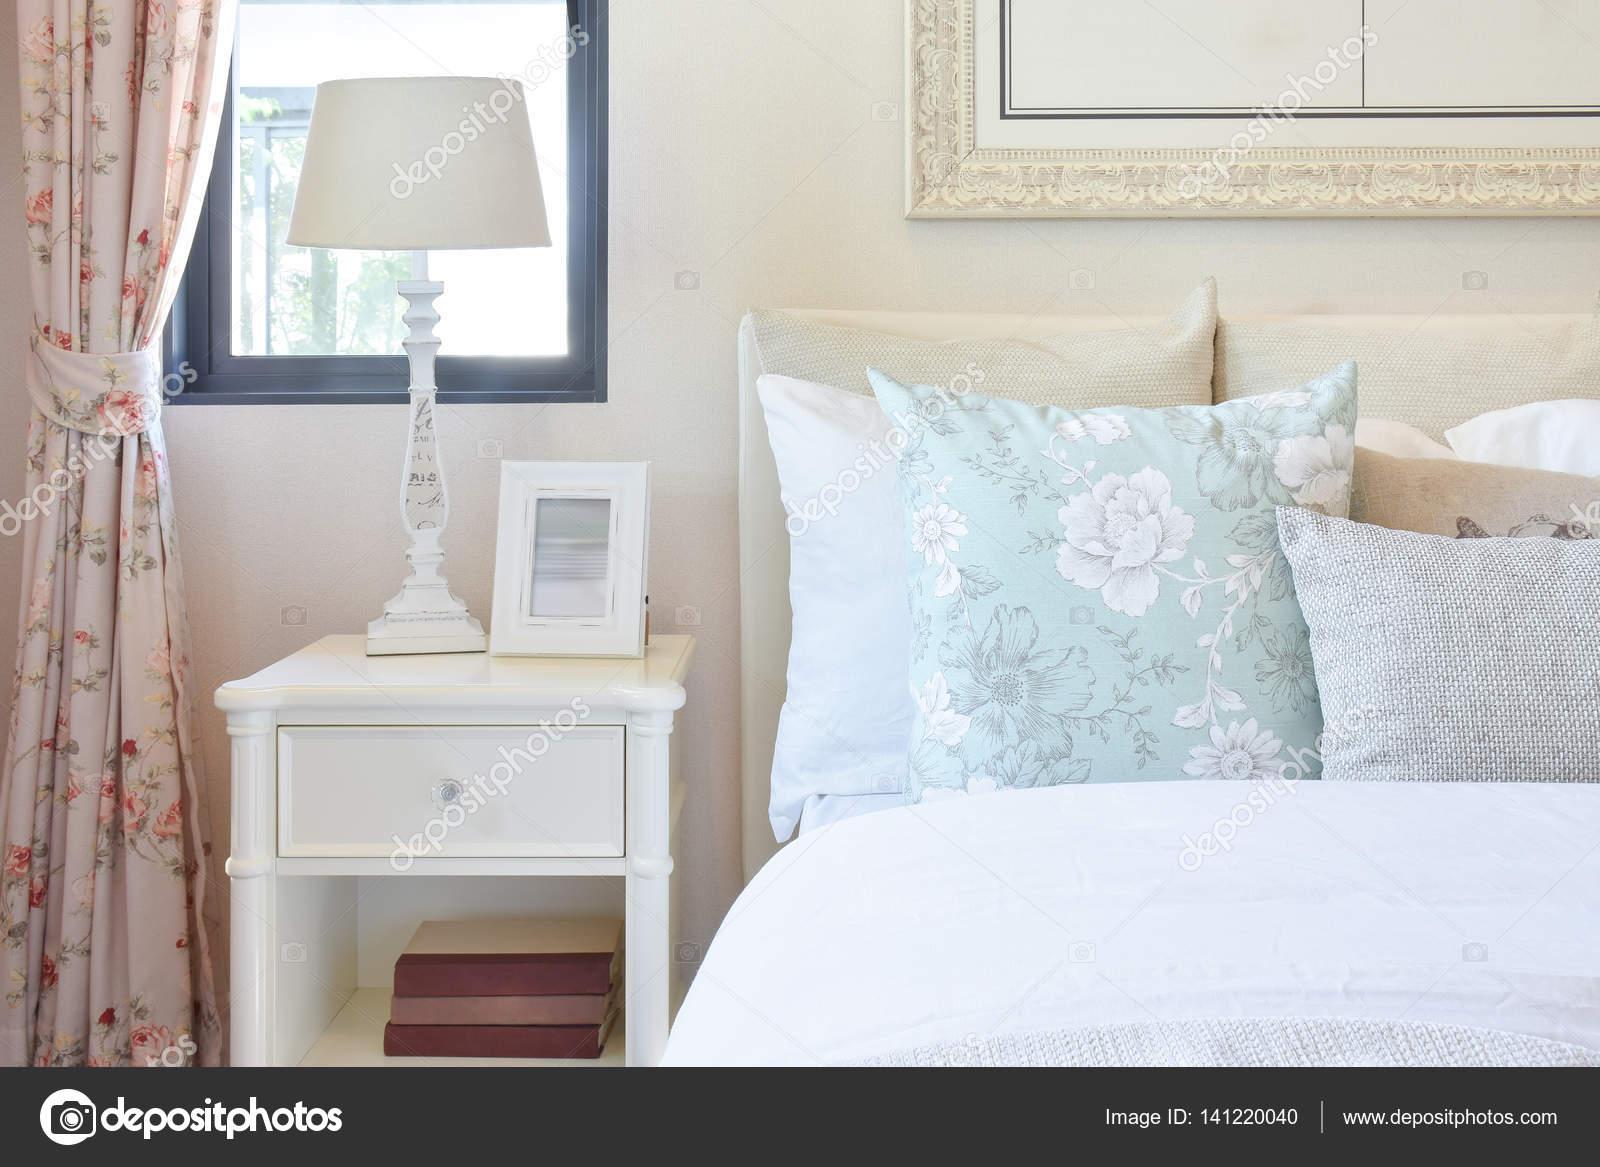 Lamp Slaapkamer Nachtkastje : Vintage slaapkamer interieur met het lezen van de lamp en foto